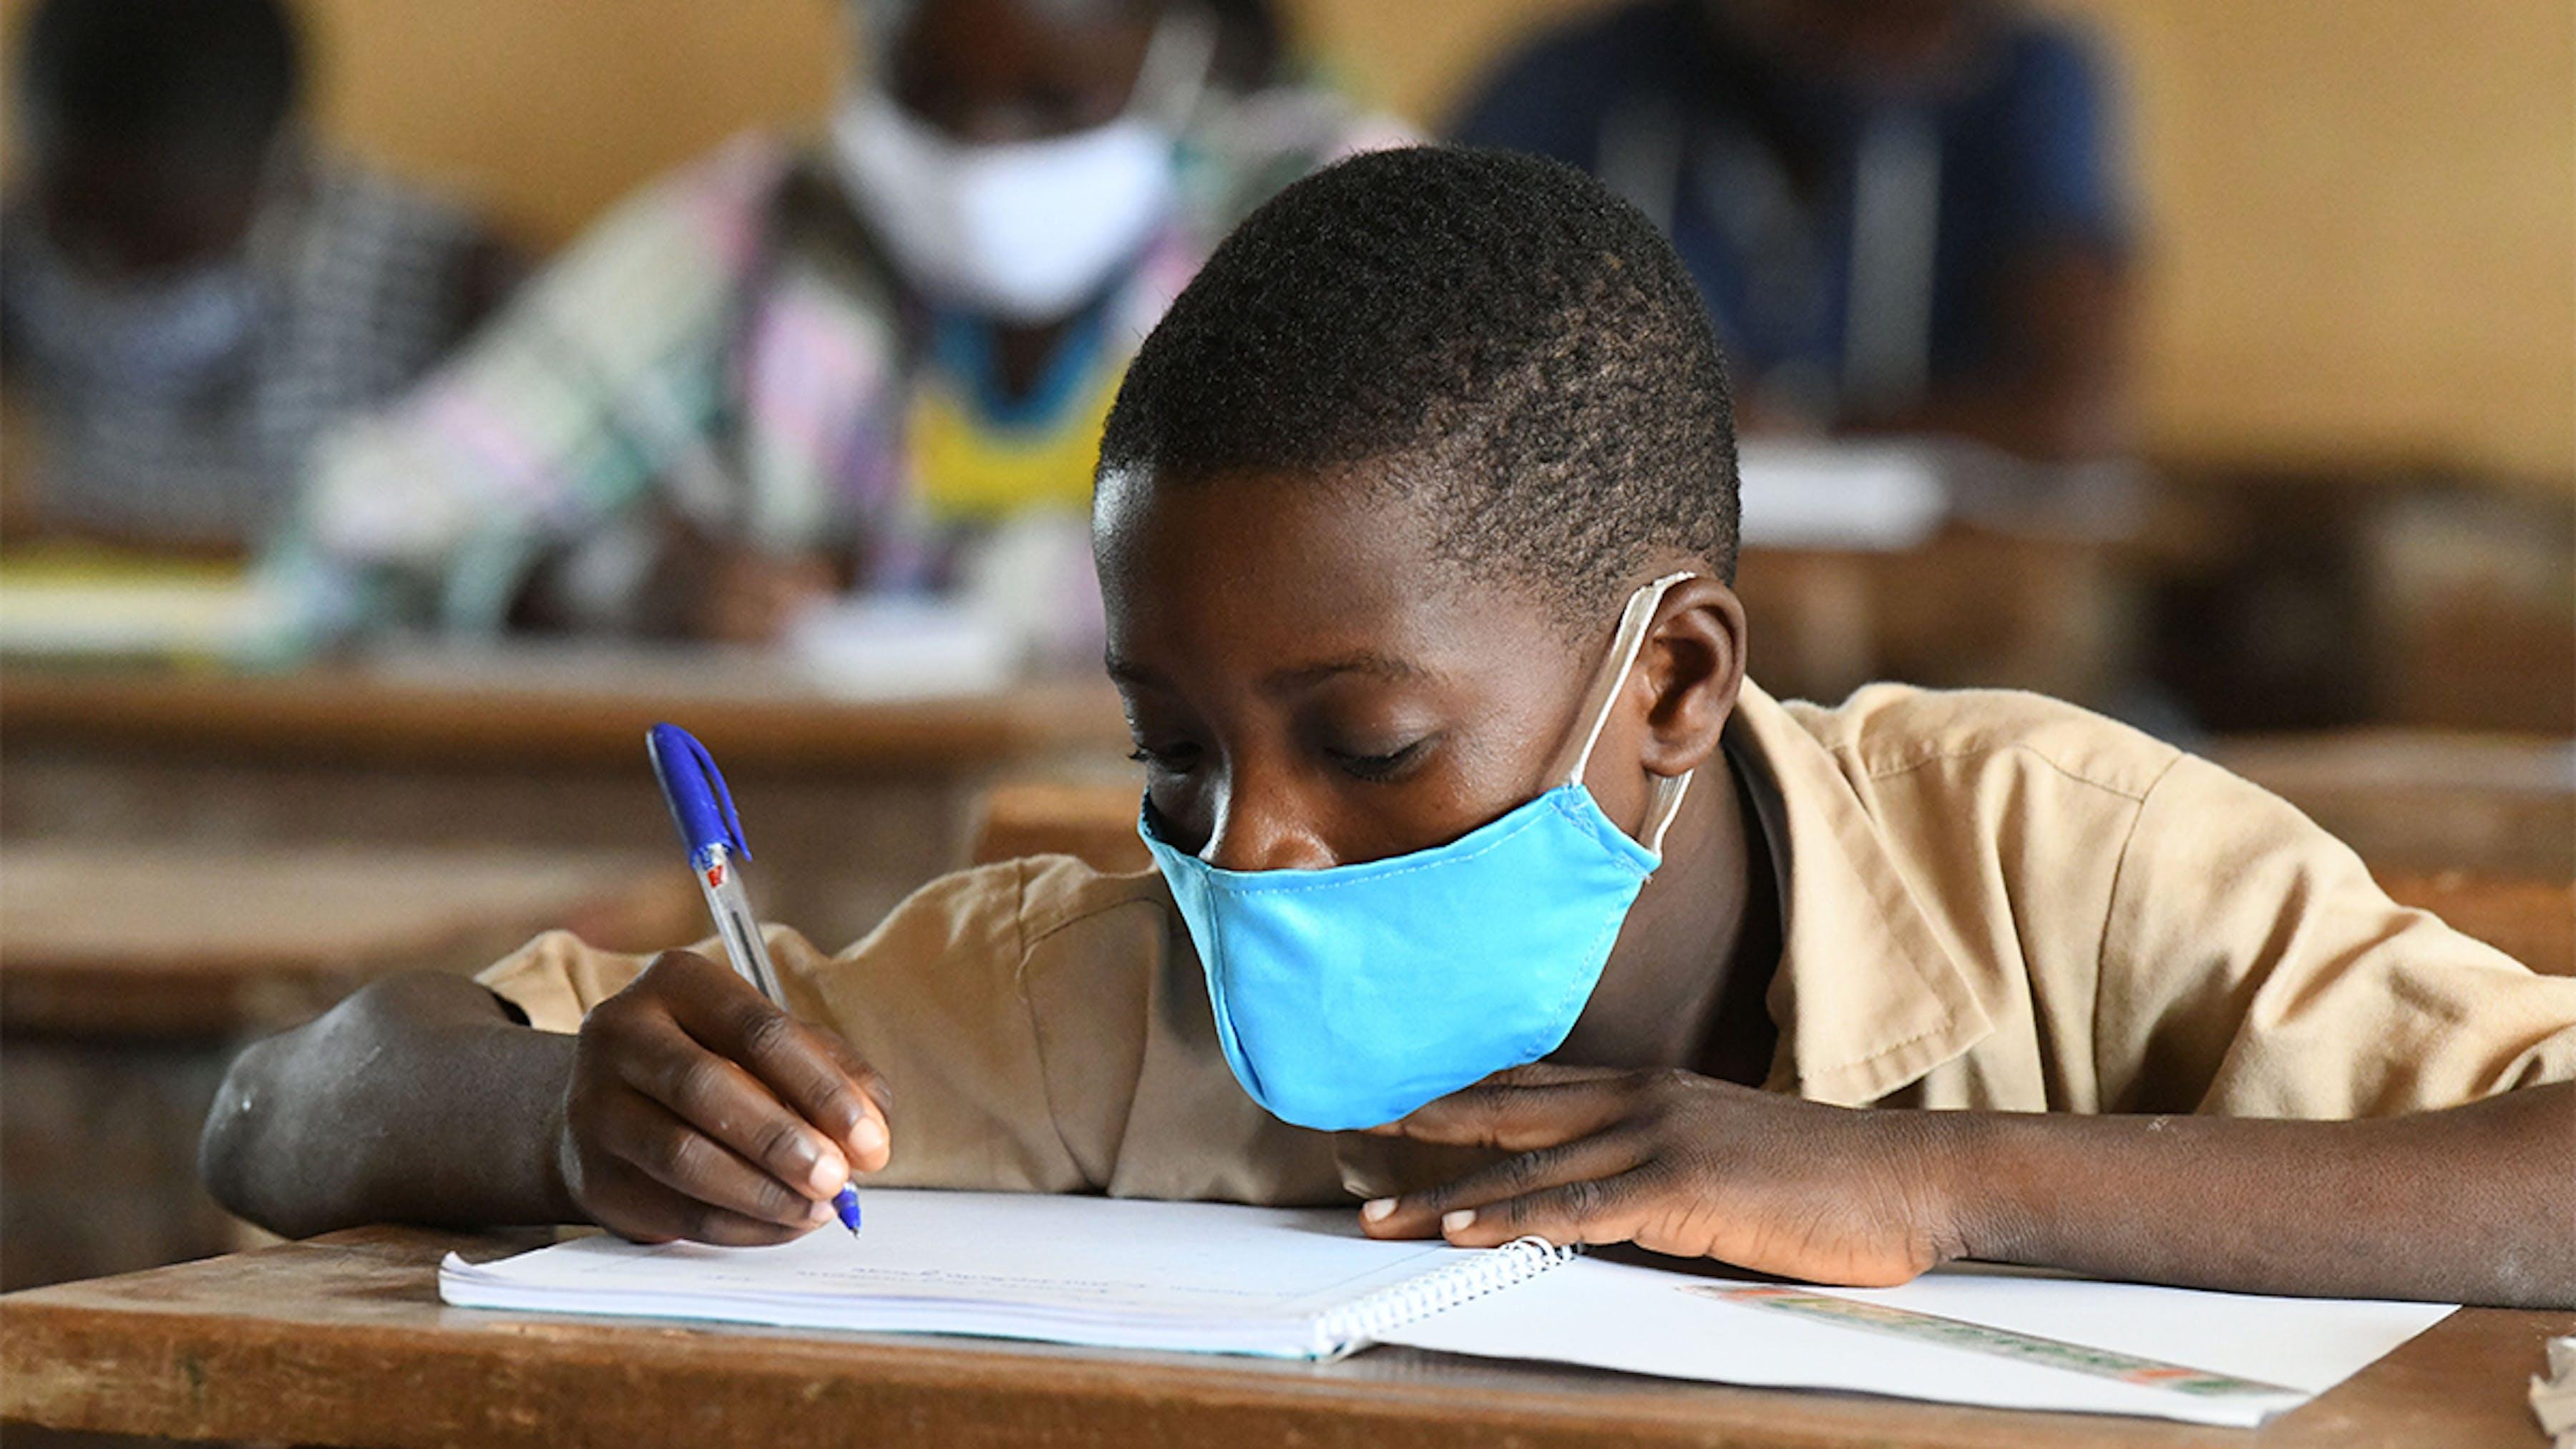 Costa d'Avorio, un ragazzo con la mascherina studia in classe.